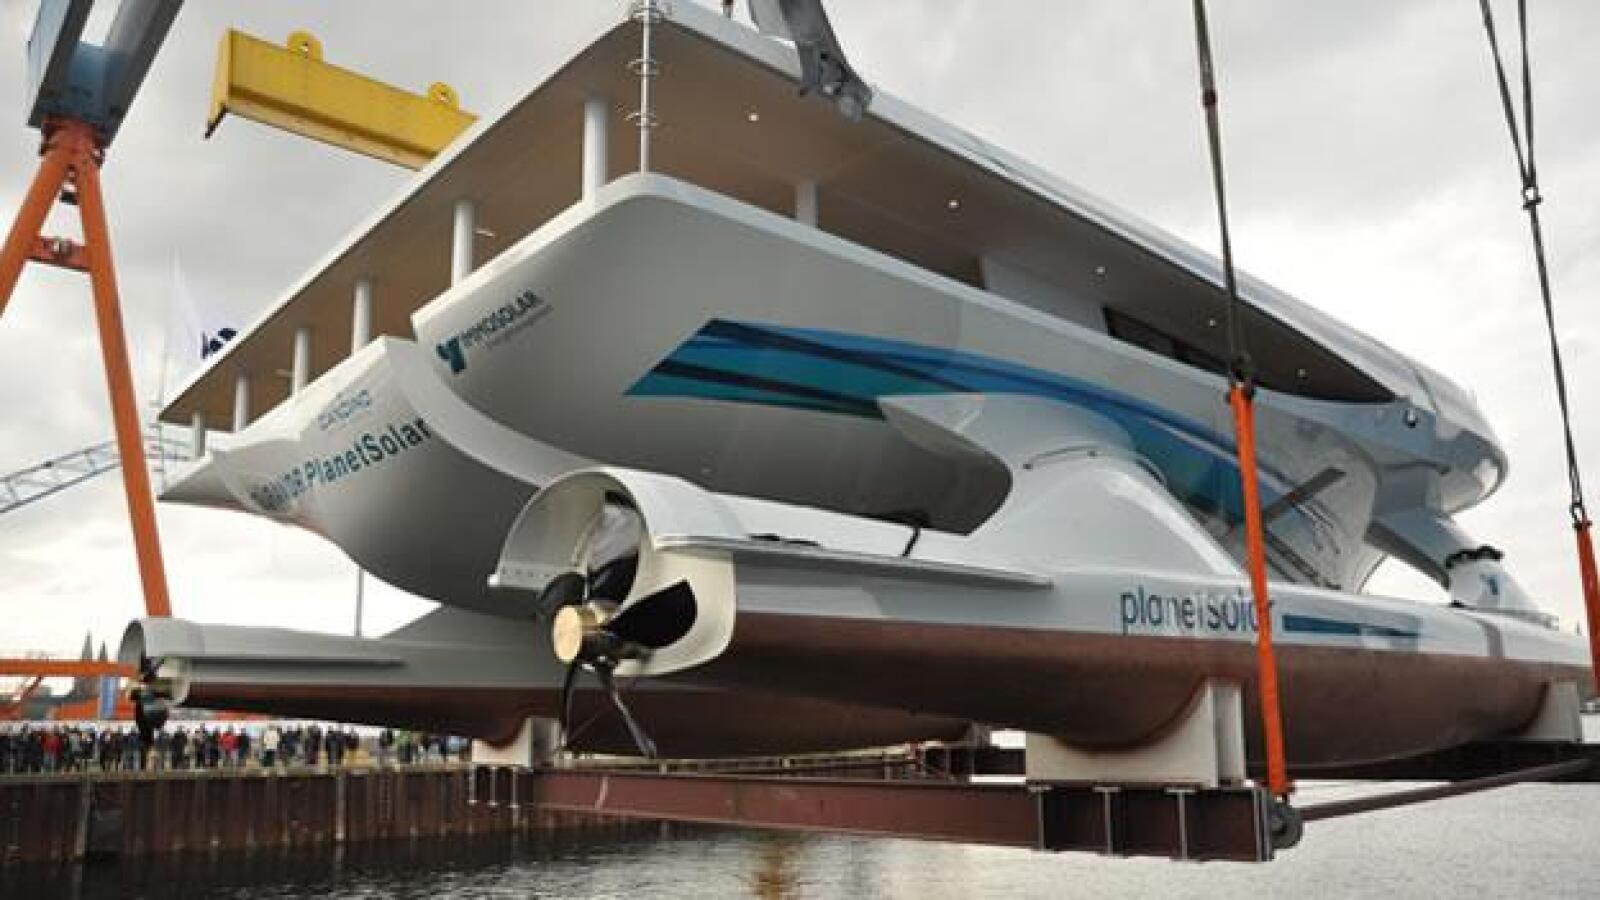 yate mas grande energia solar preparacion mar baltico